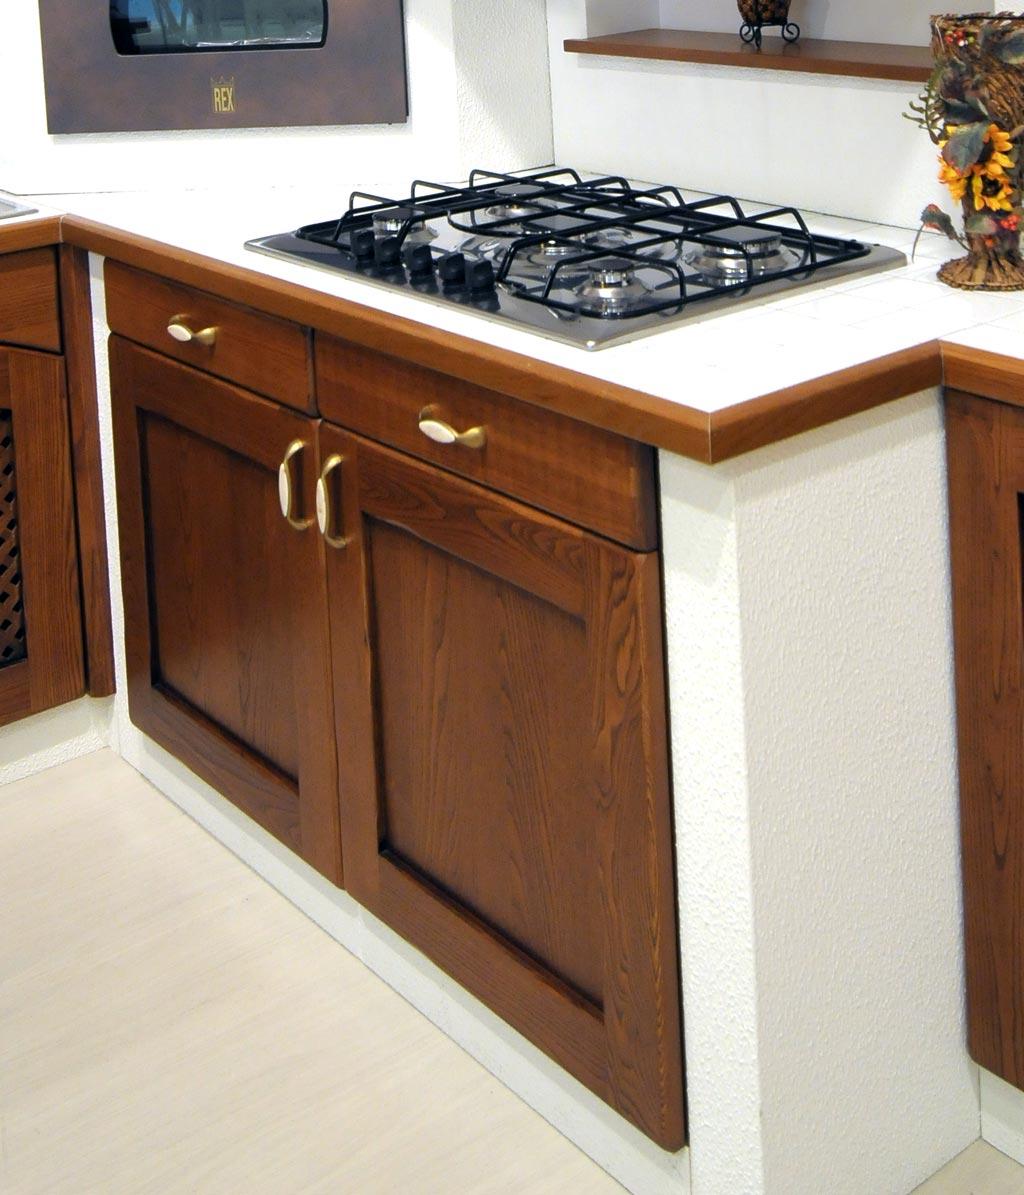 La cucina in finta muratura Tosca gode di una innovativa disposizione degli accessori da cucina